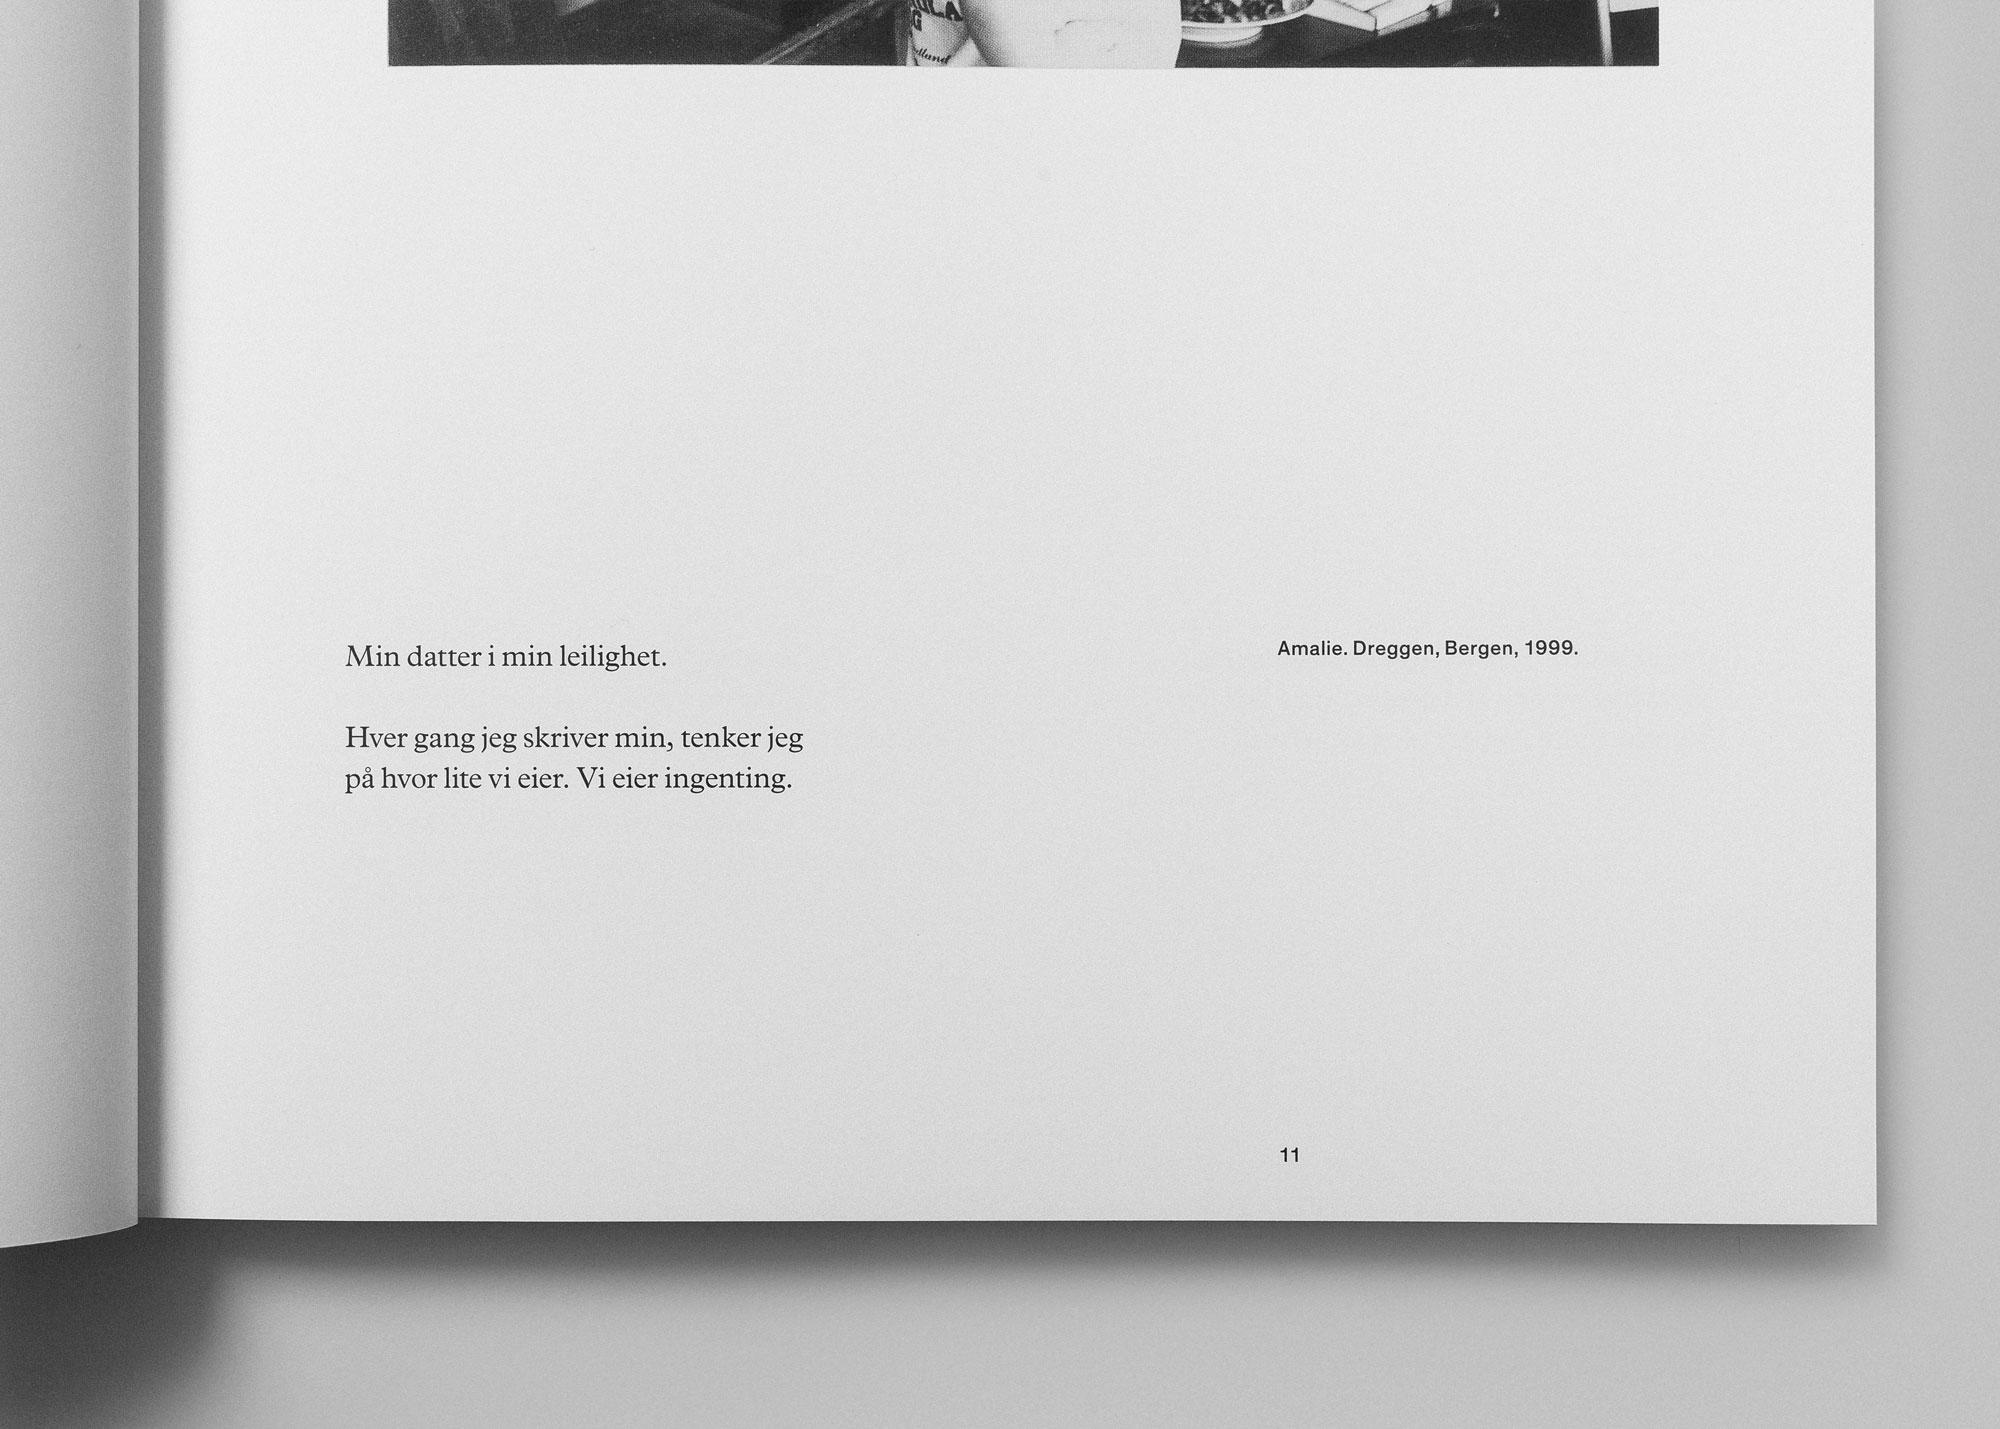 Tomas Espedal photo book